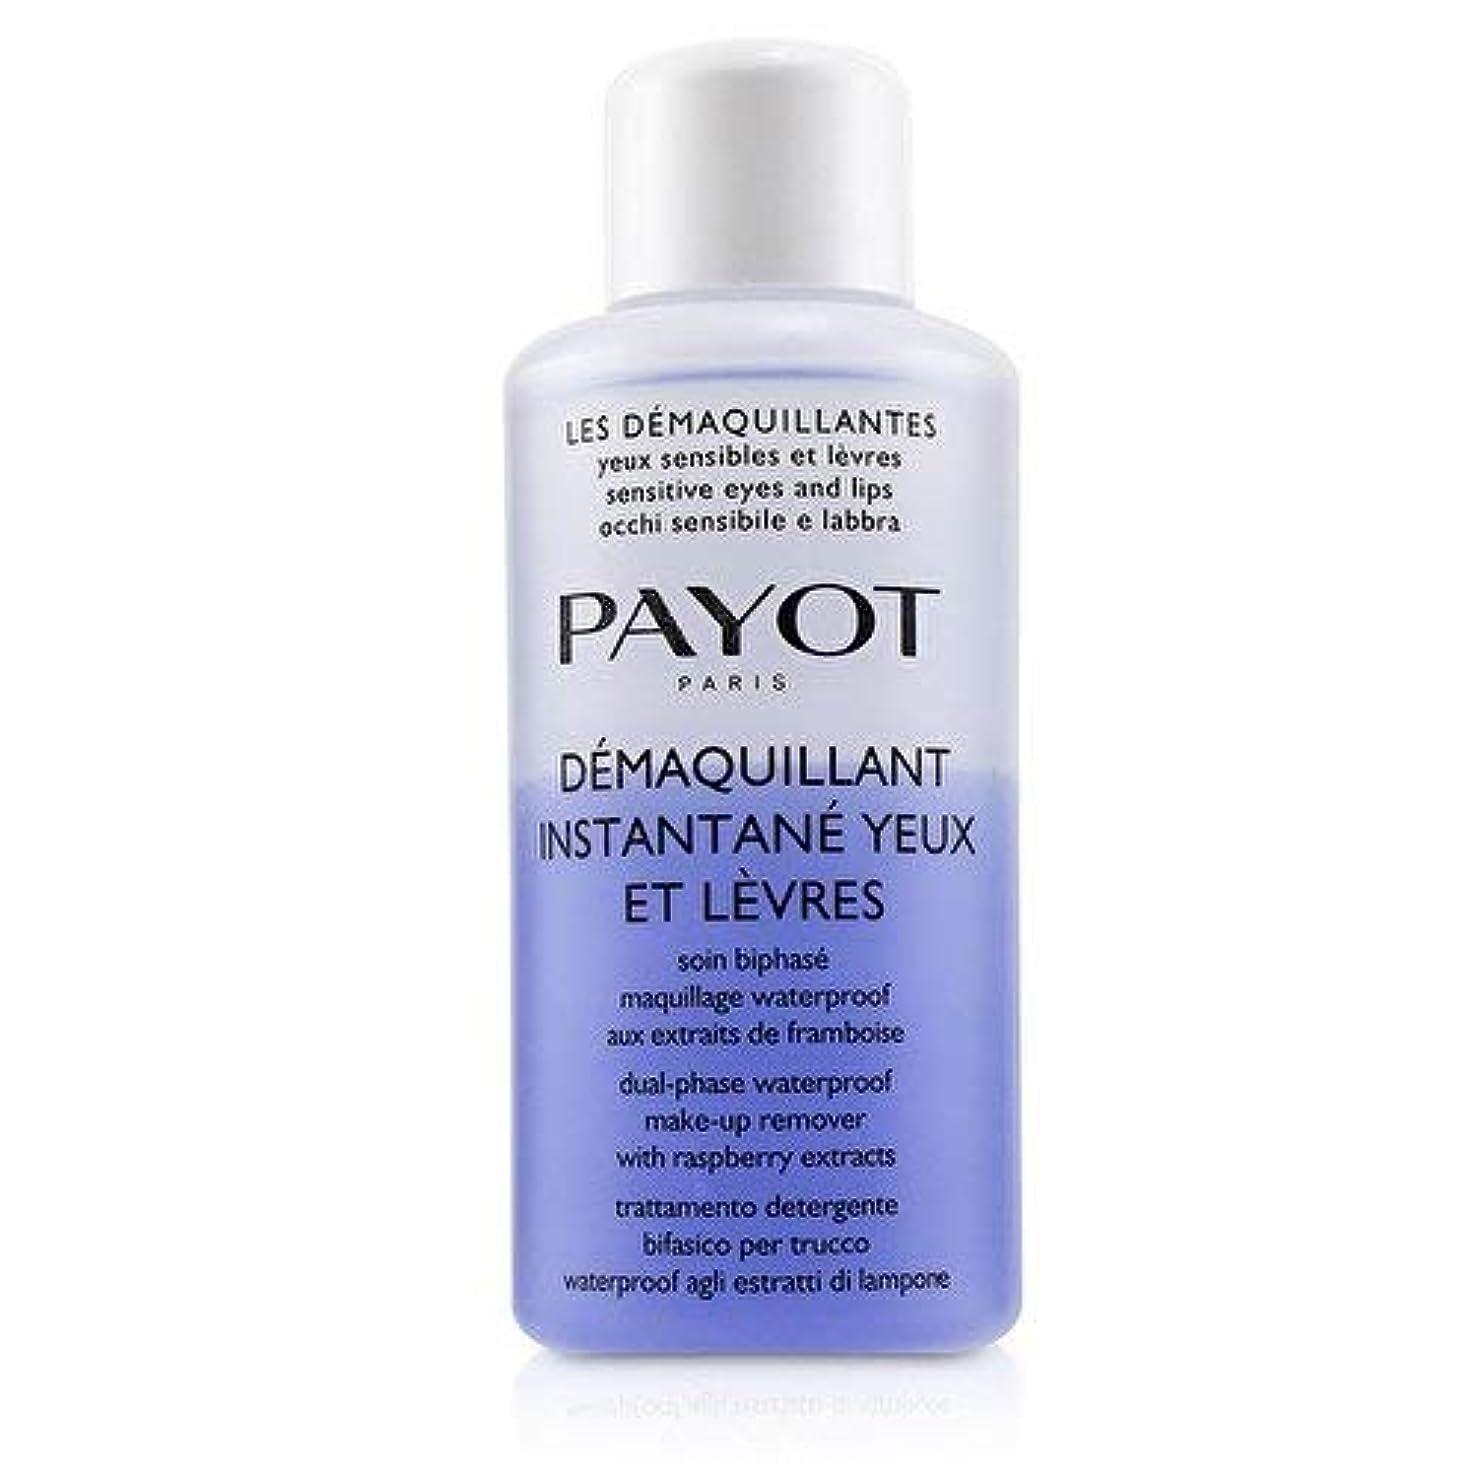 パステル苛性引退したパイヨ Les Demaquillantes Demaquillant Instantane Yeux Dual-Phase Waterproof Make-Up Remover - For Sensitive Eyes...